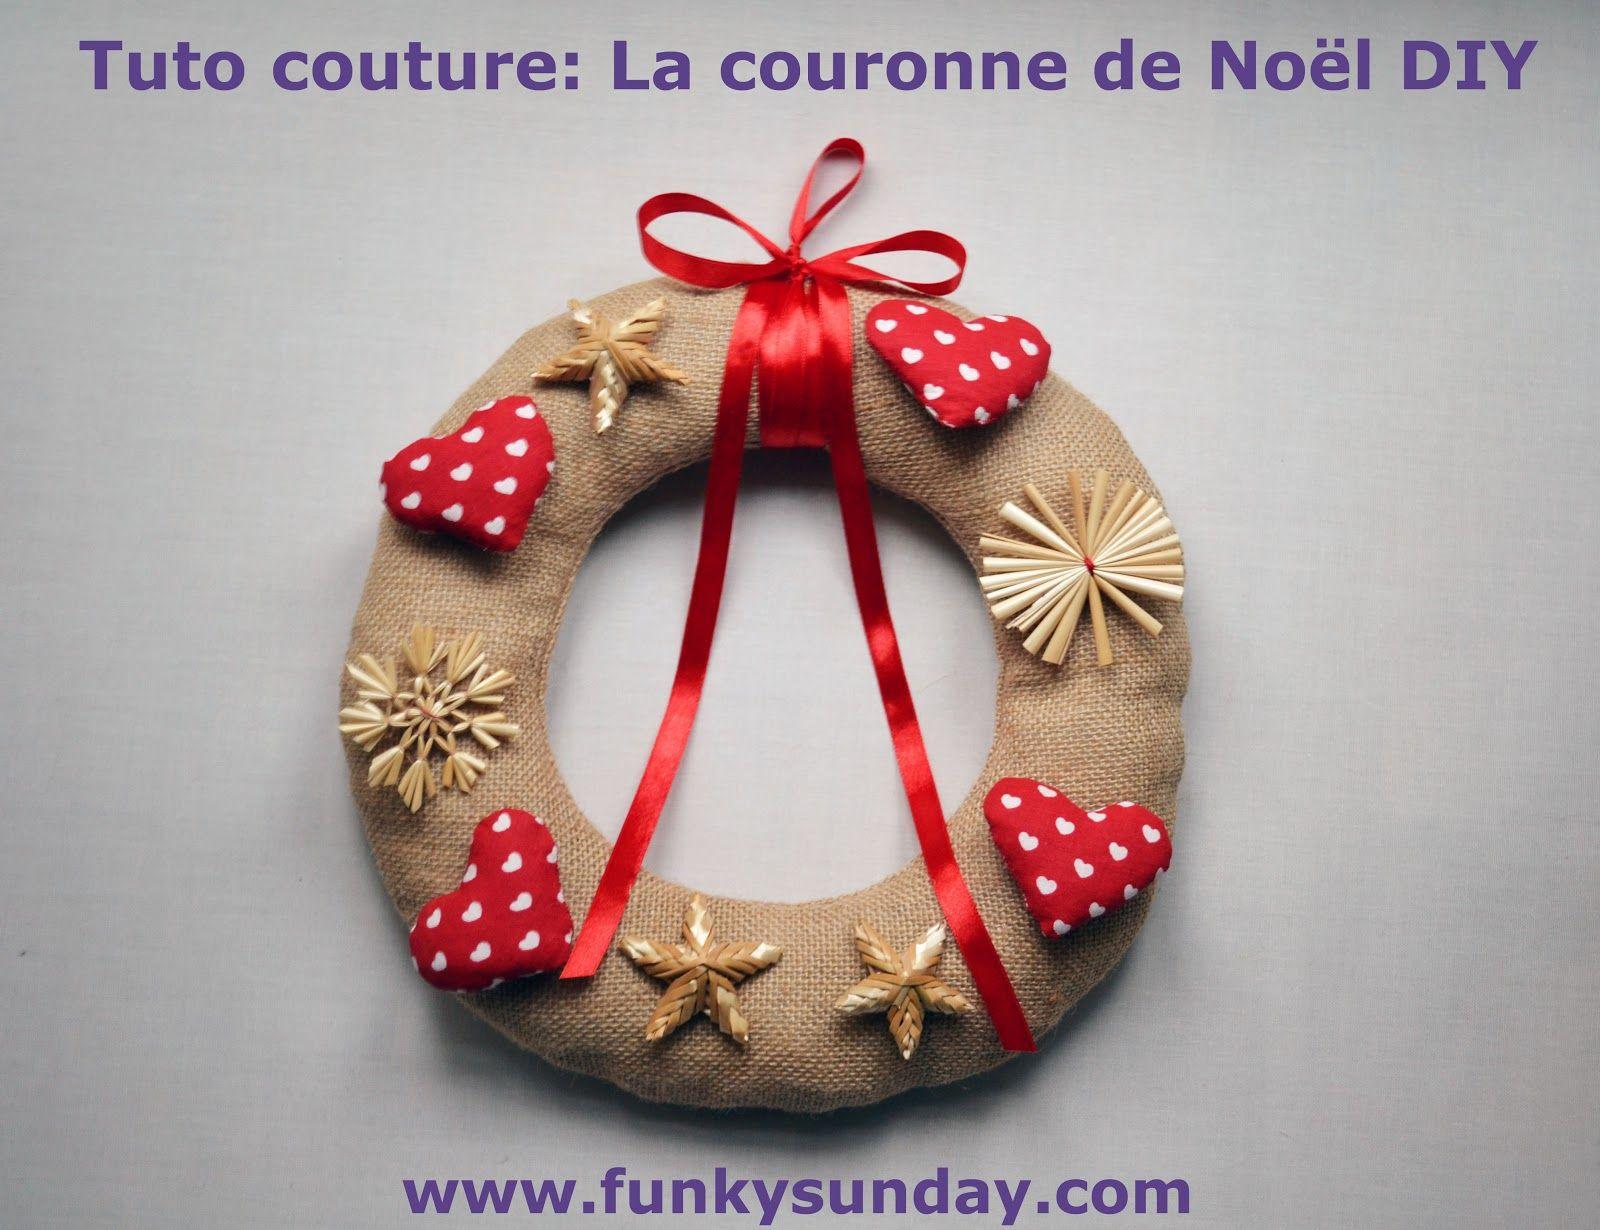 Funky sunday ma couronne de no l diy even the wreath get ready for christmas pinterest - Couronne de noel diy ...